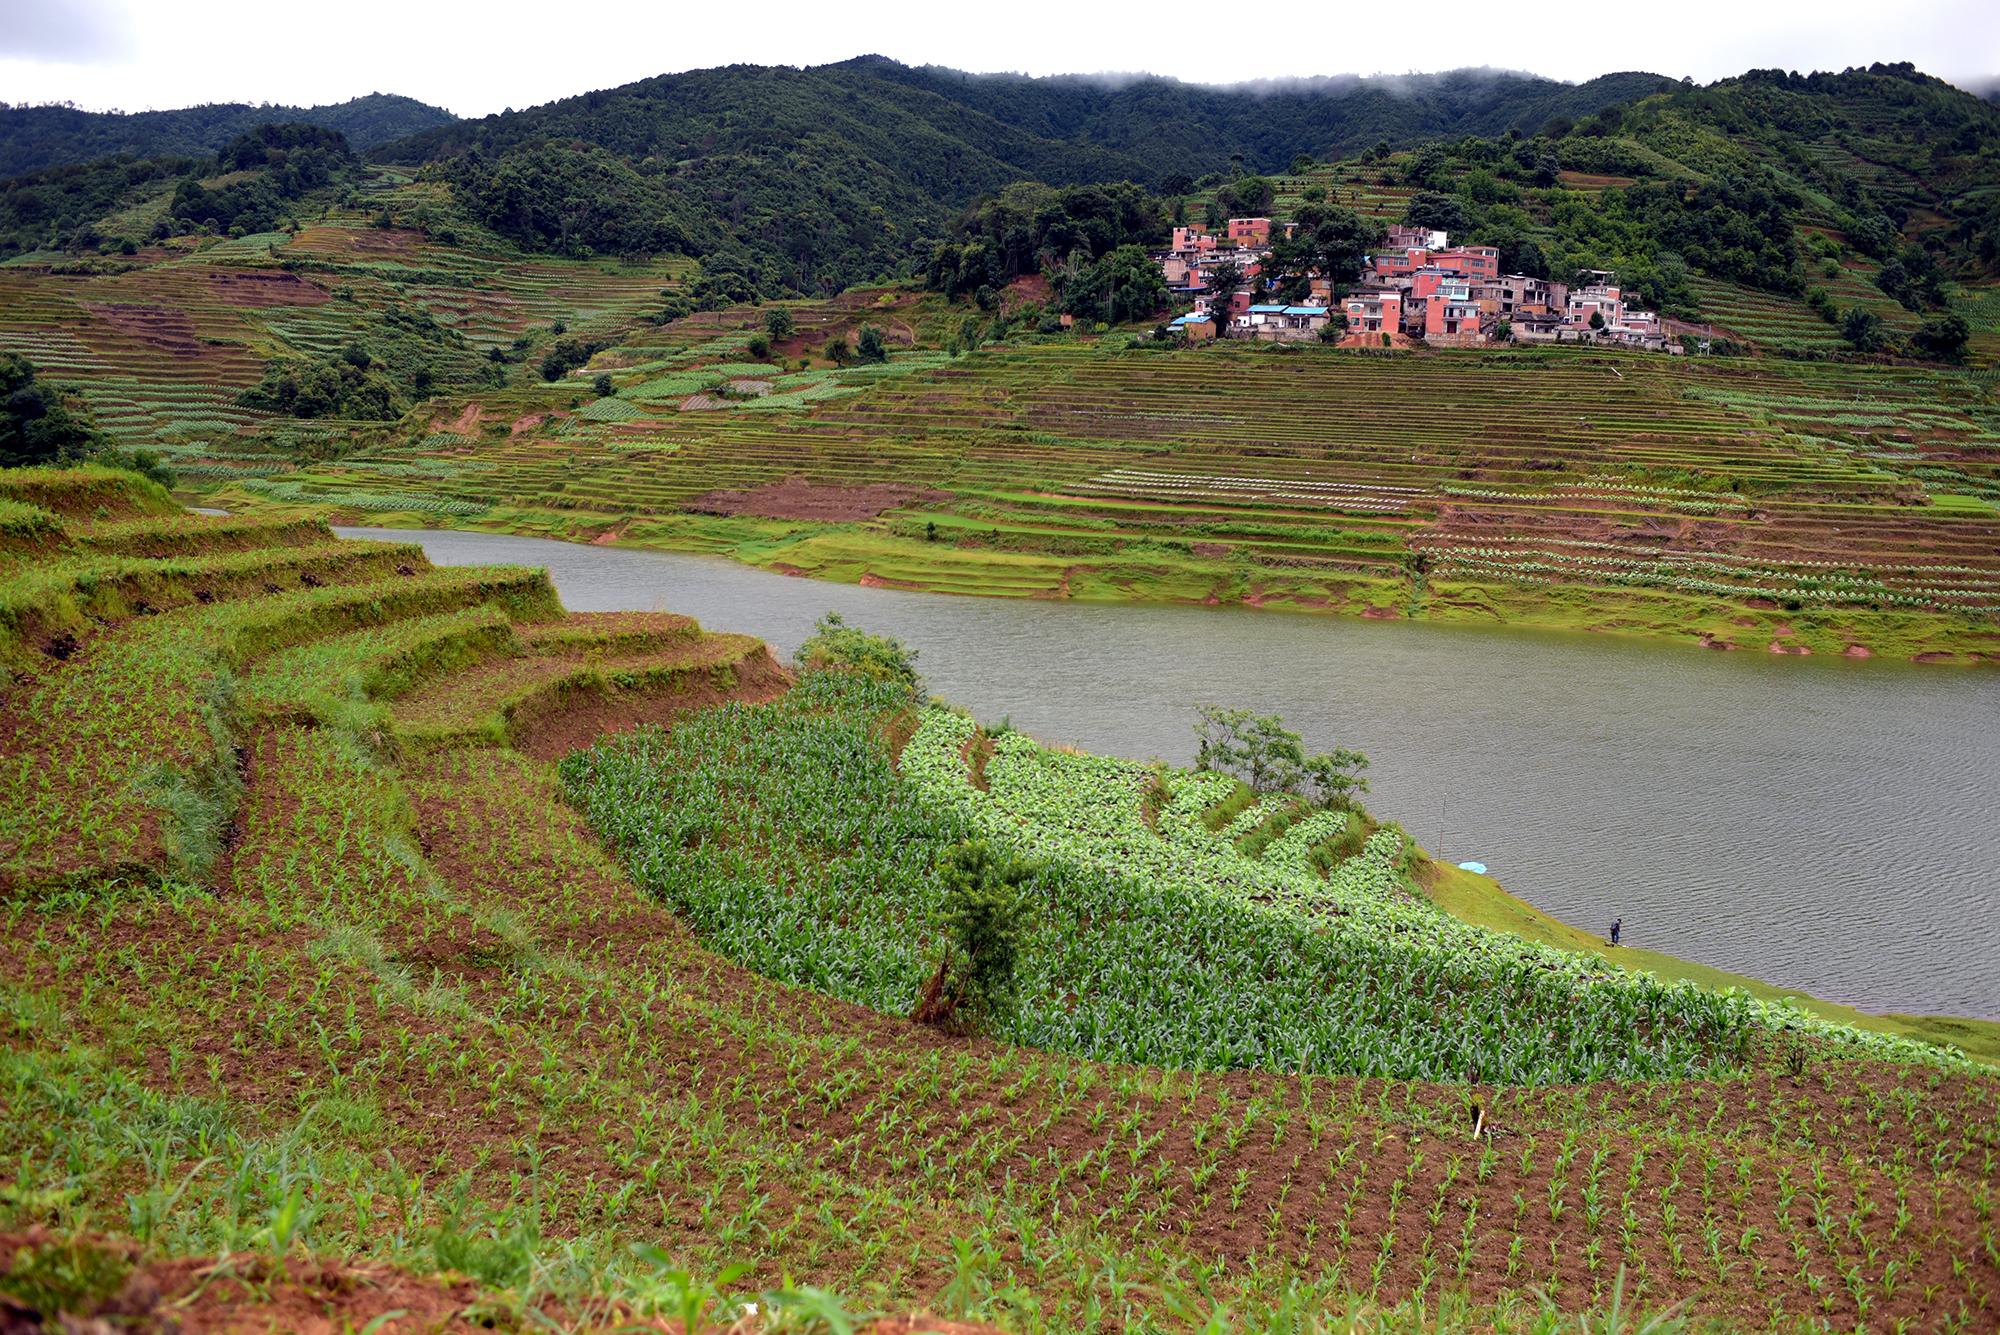 Terraced farmlands of Yunnan